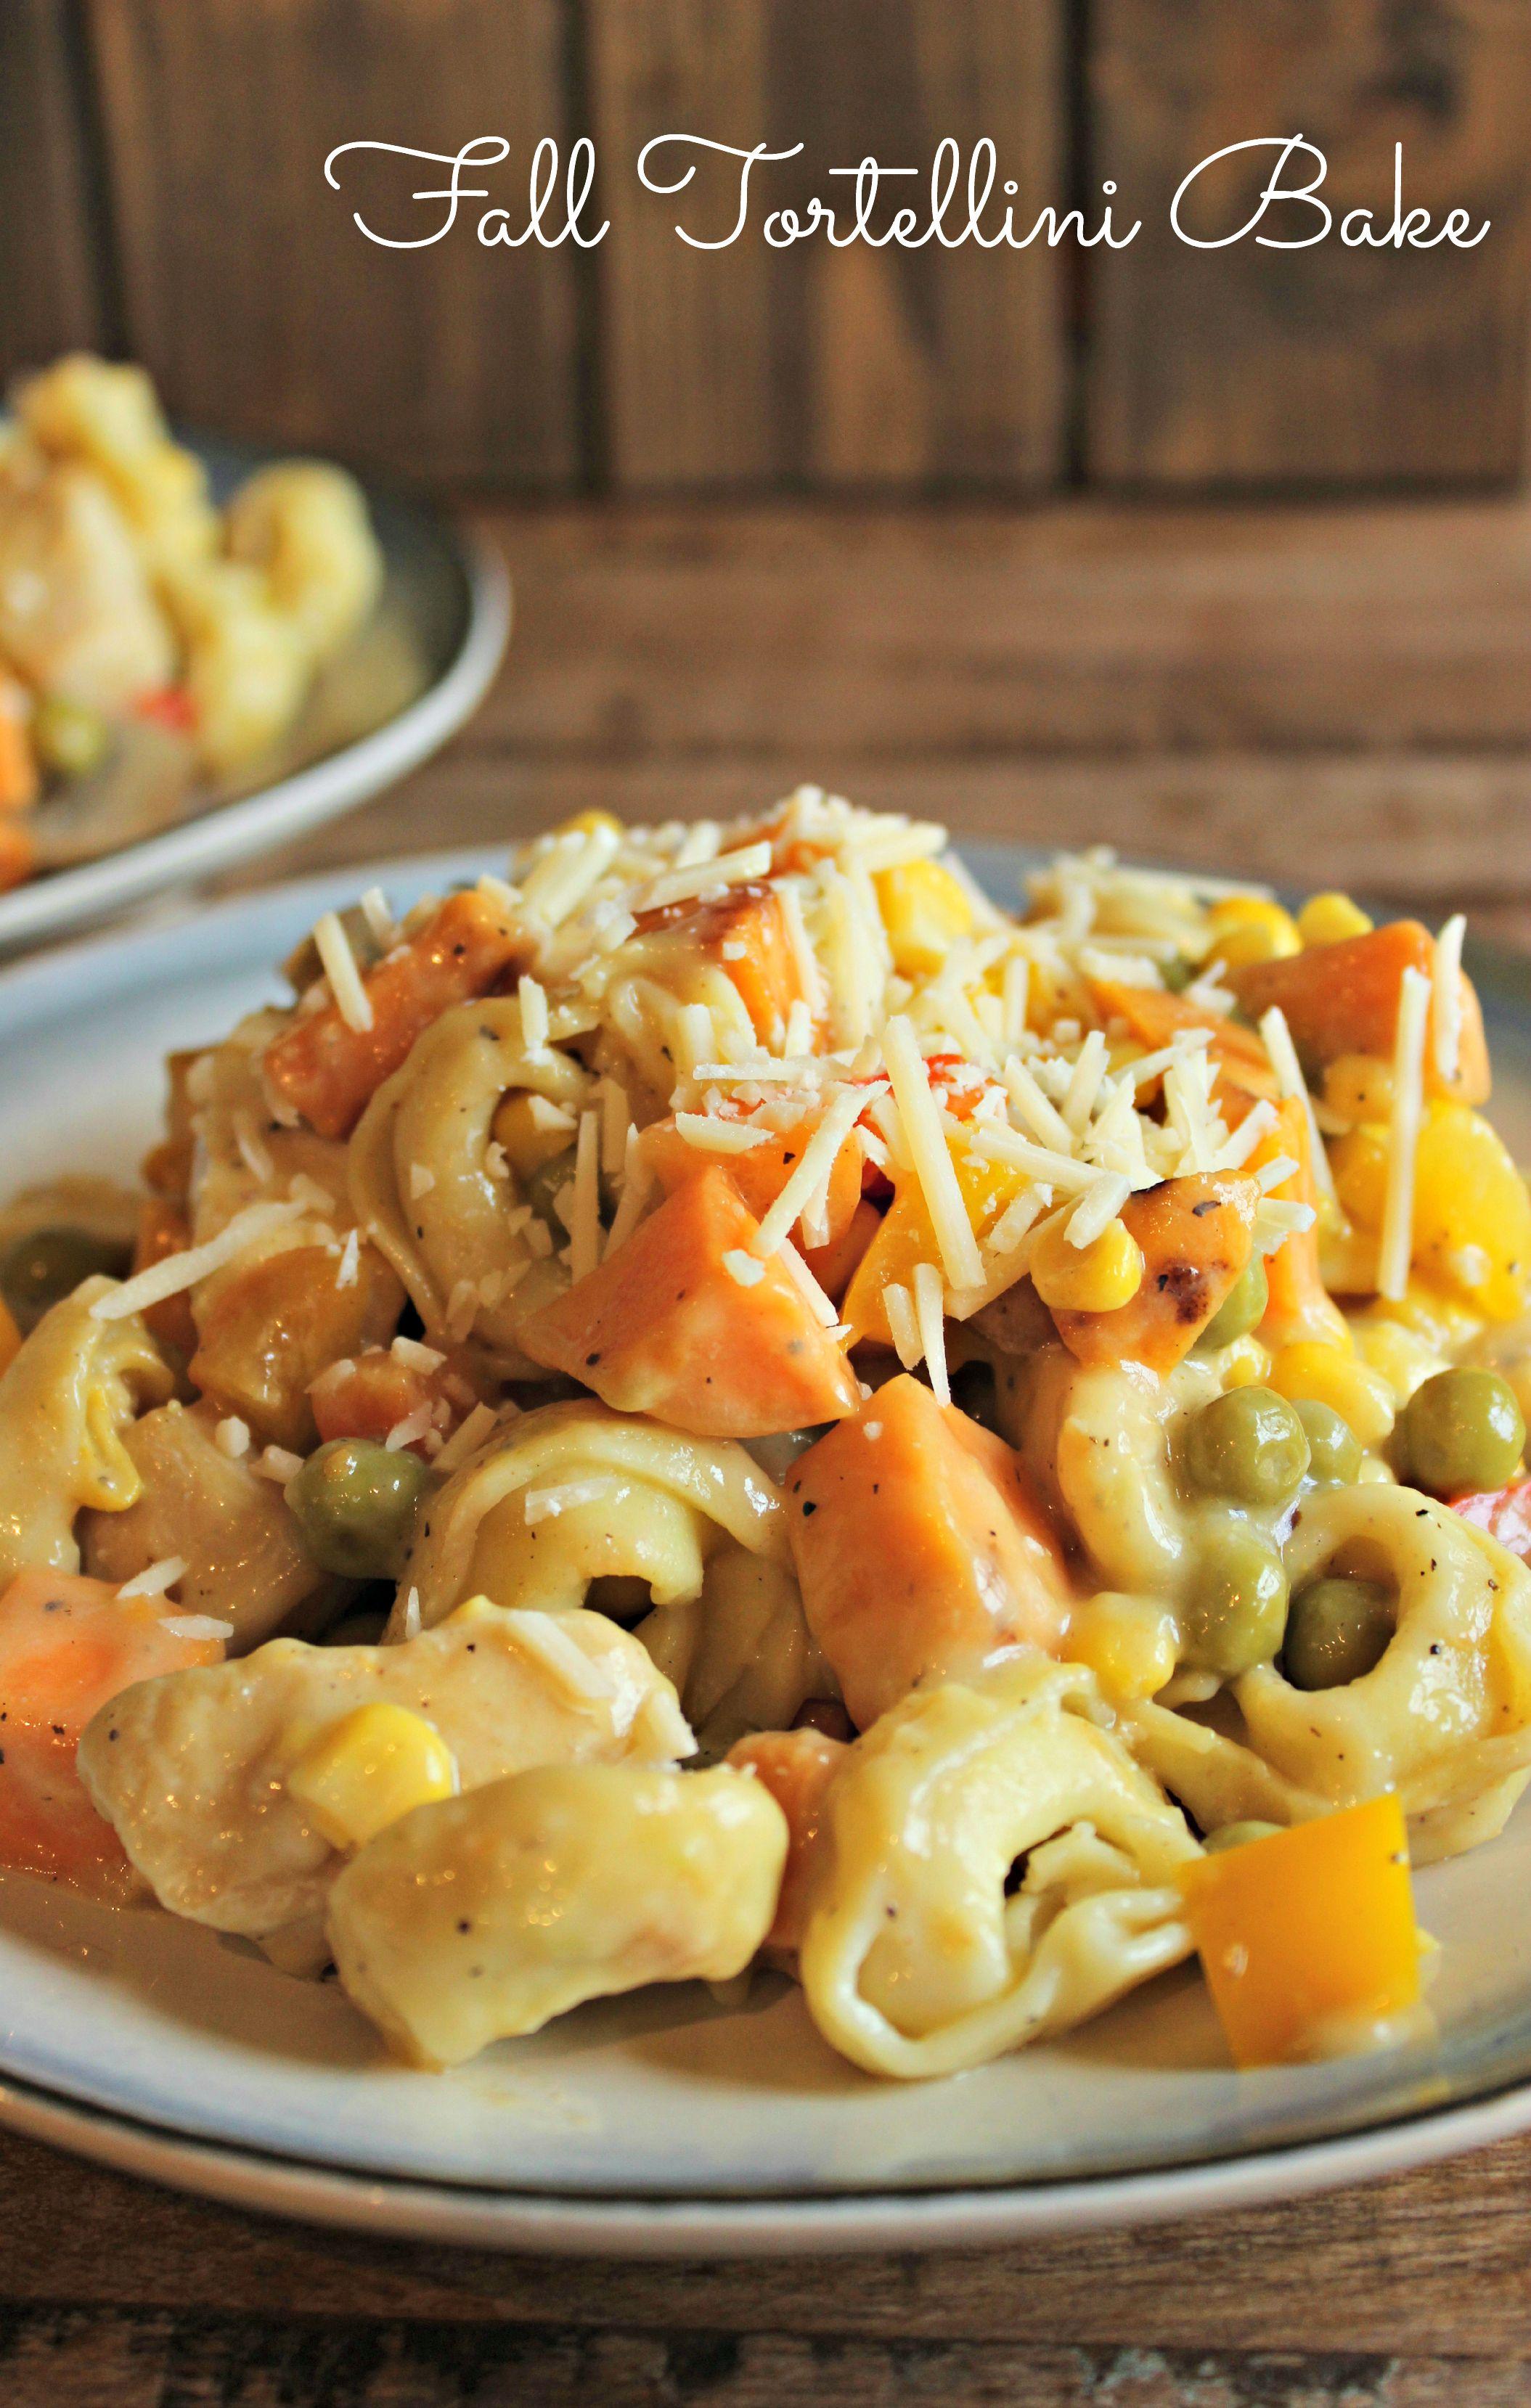 Fall Pasta Dinner: Fall Tortellini Bake